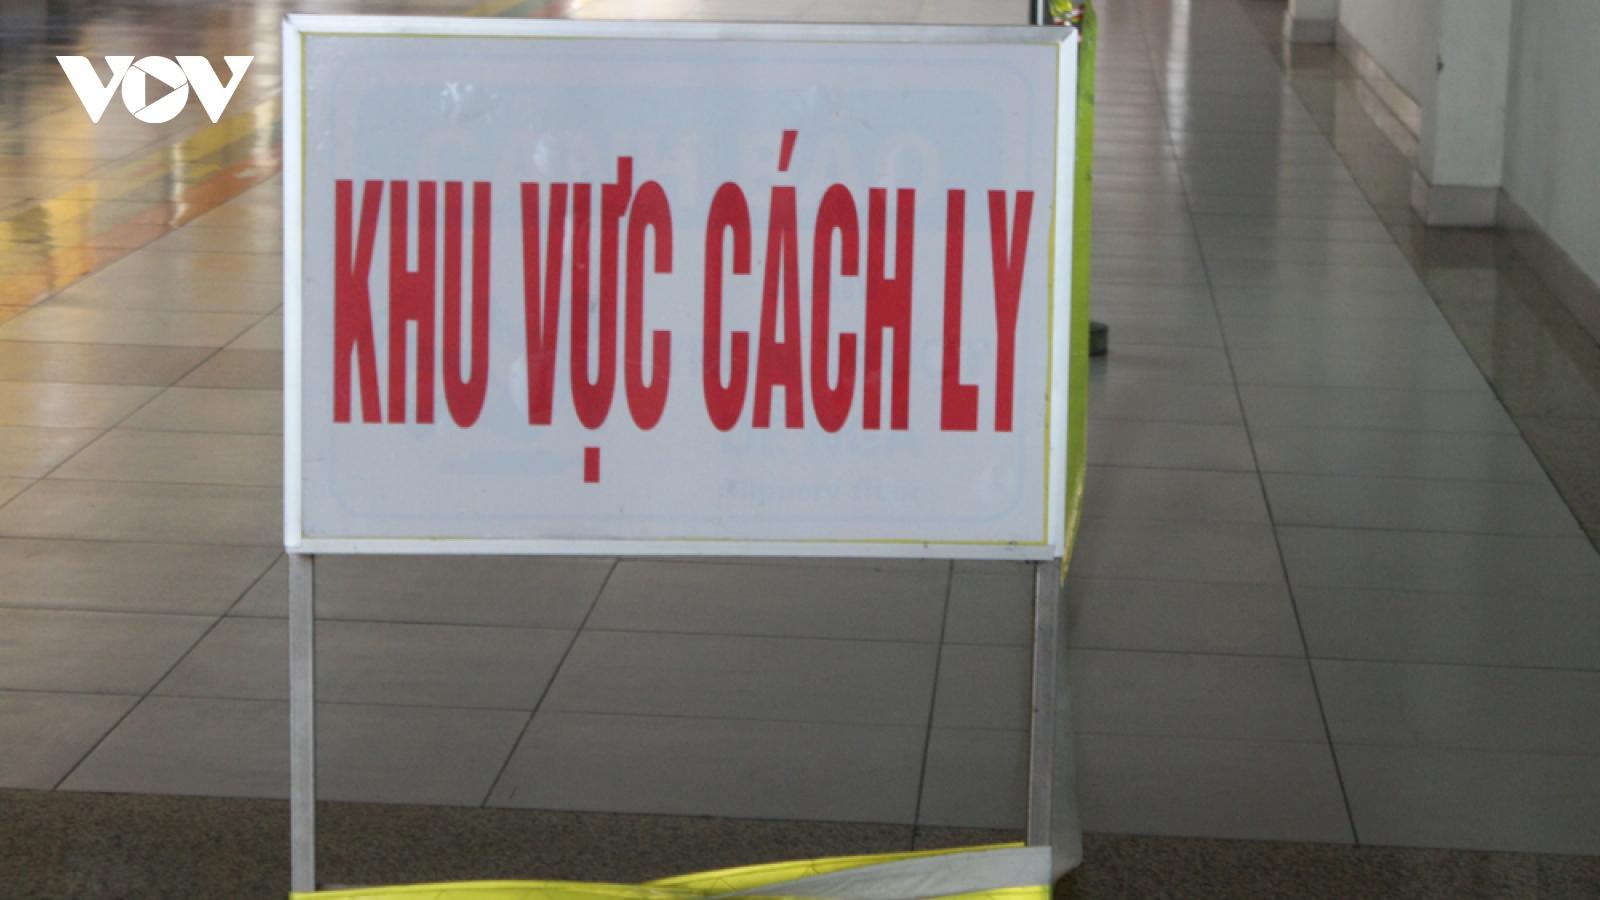 Hà Nội thêm 3 ca Covid-19, 1 người trở về từ Đà Nẵng